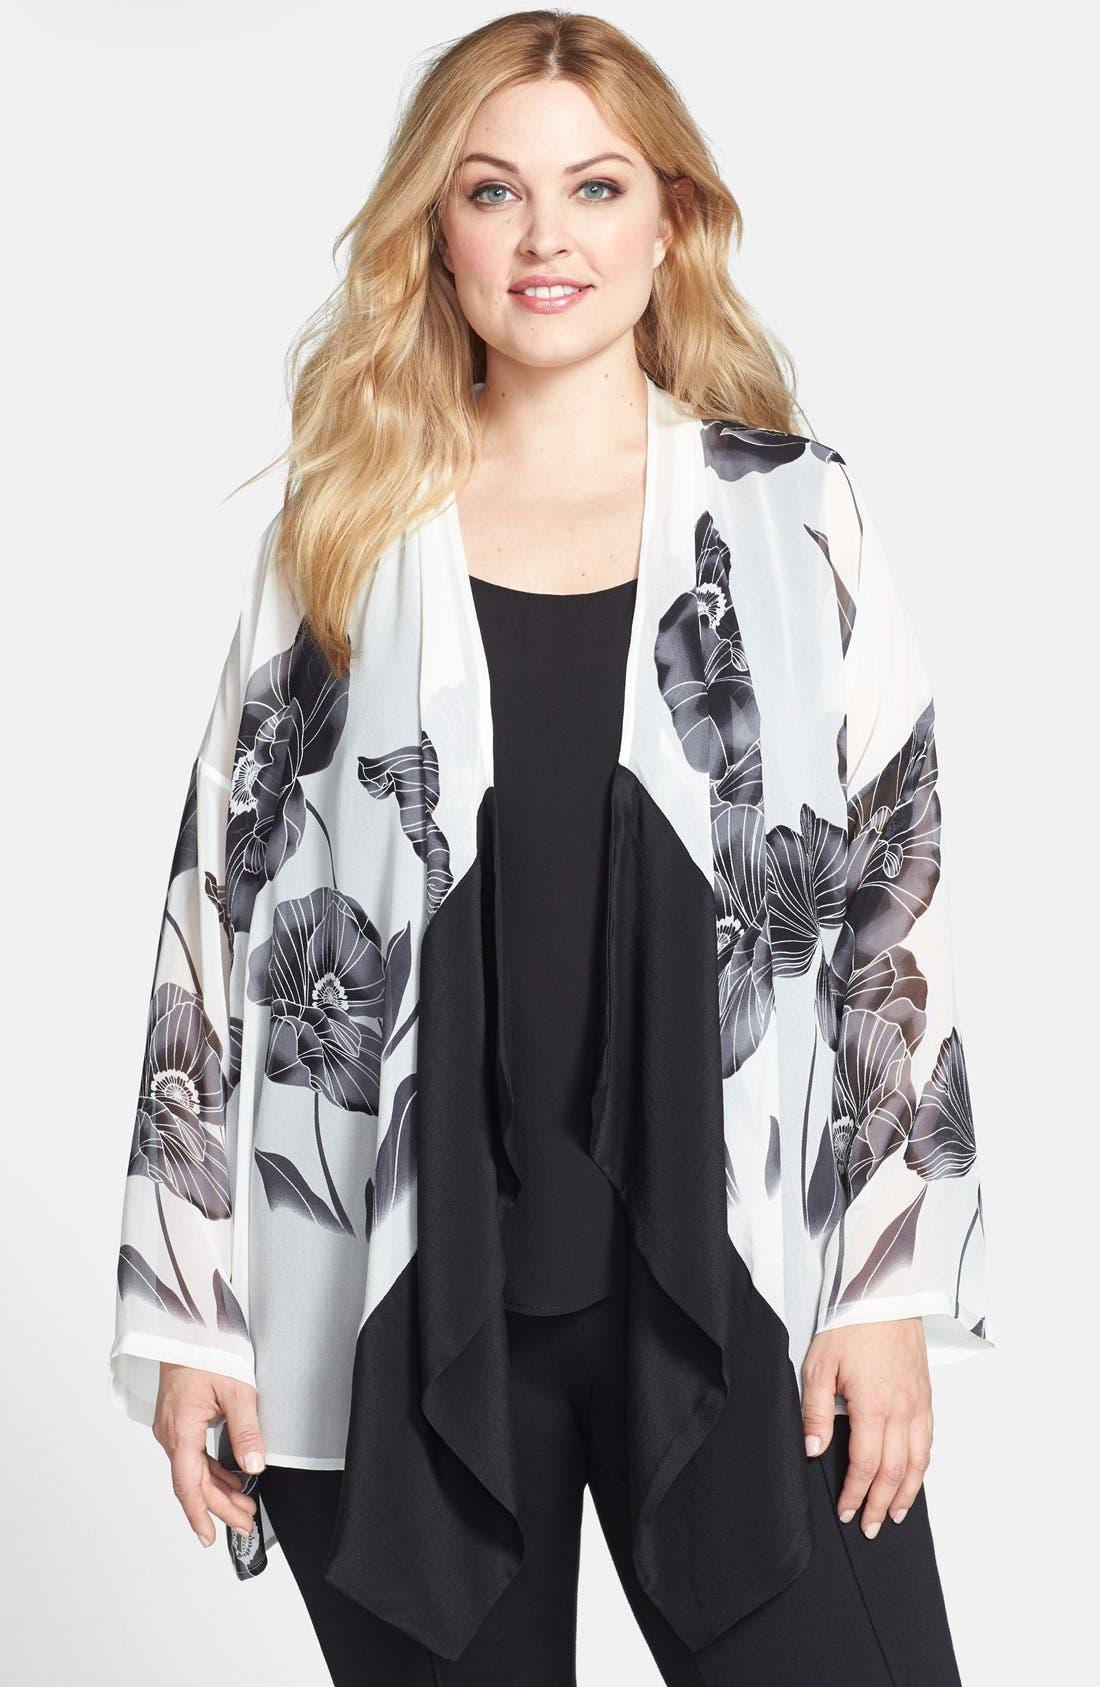 Alternate Image 1 Selected - Citron Floral Print Drape Front Jacket (Plus Size)